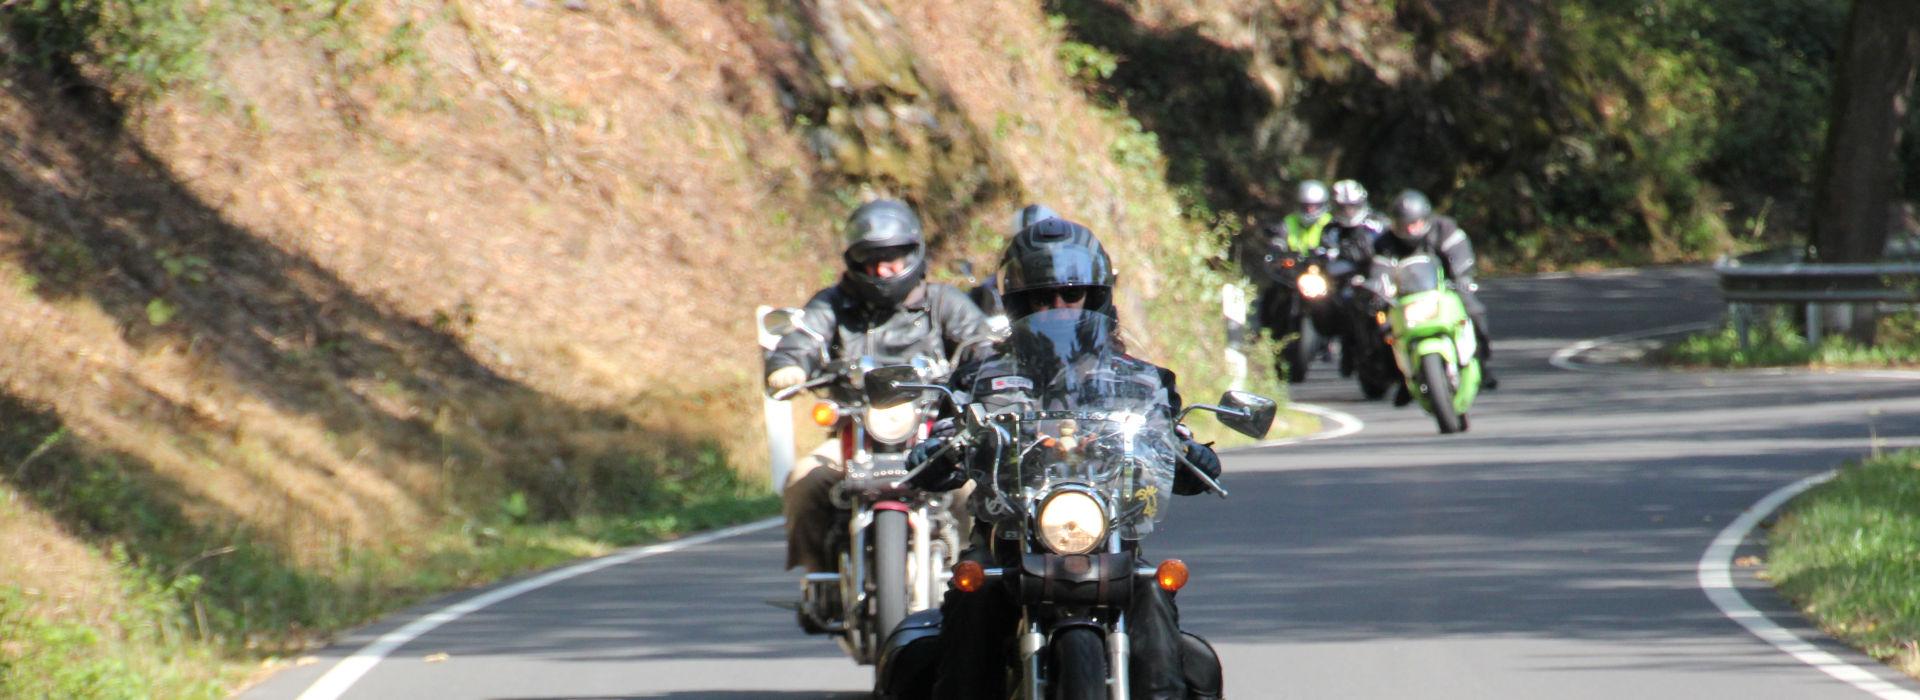 Motorrijschool Motorrijbewijspoint Sittard motorrijlessen